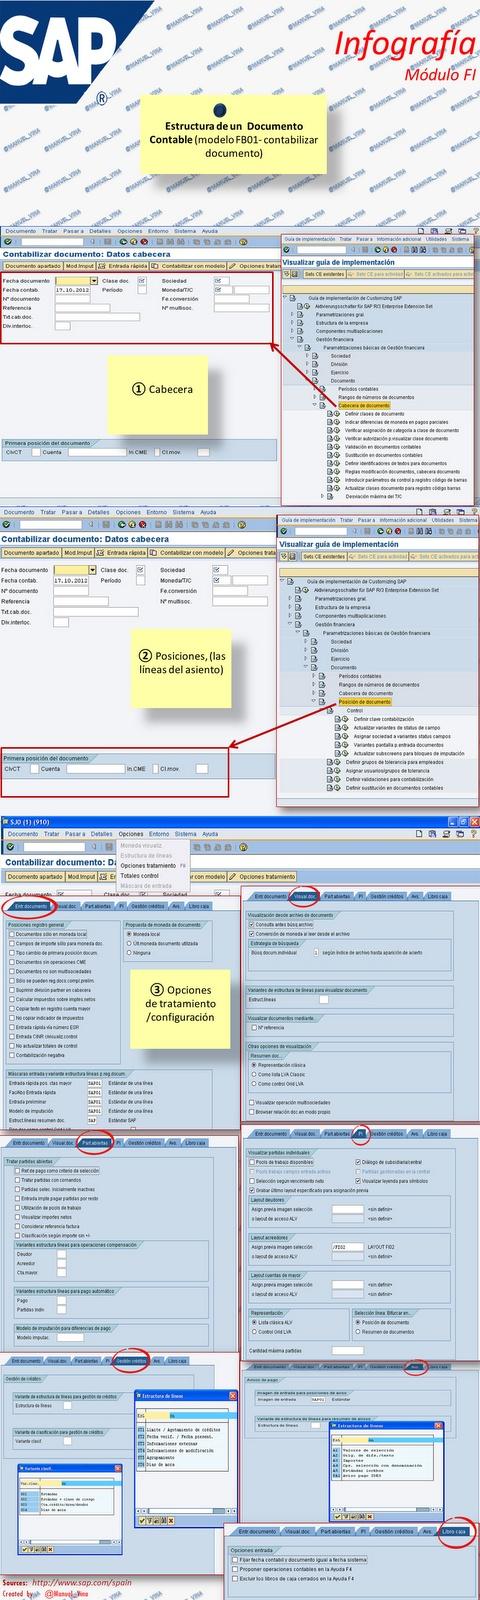 ⑰ #Infografía sobre #Sap-FI Estructura de un Documento Contable